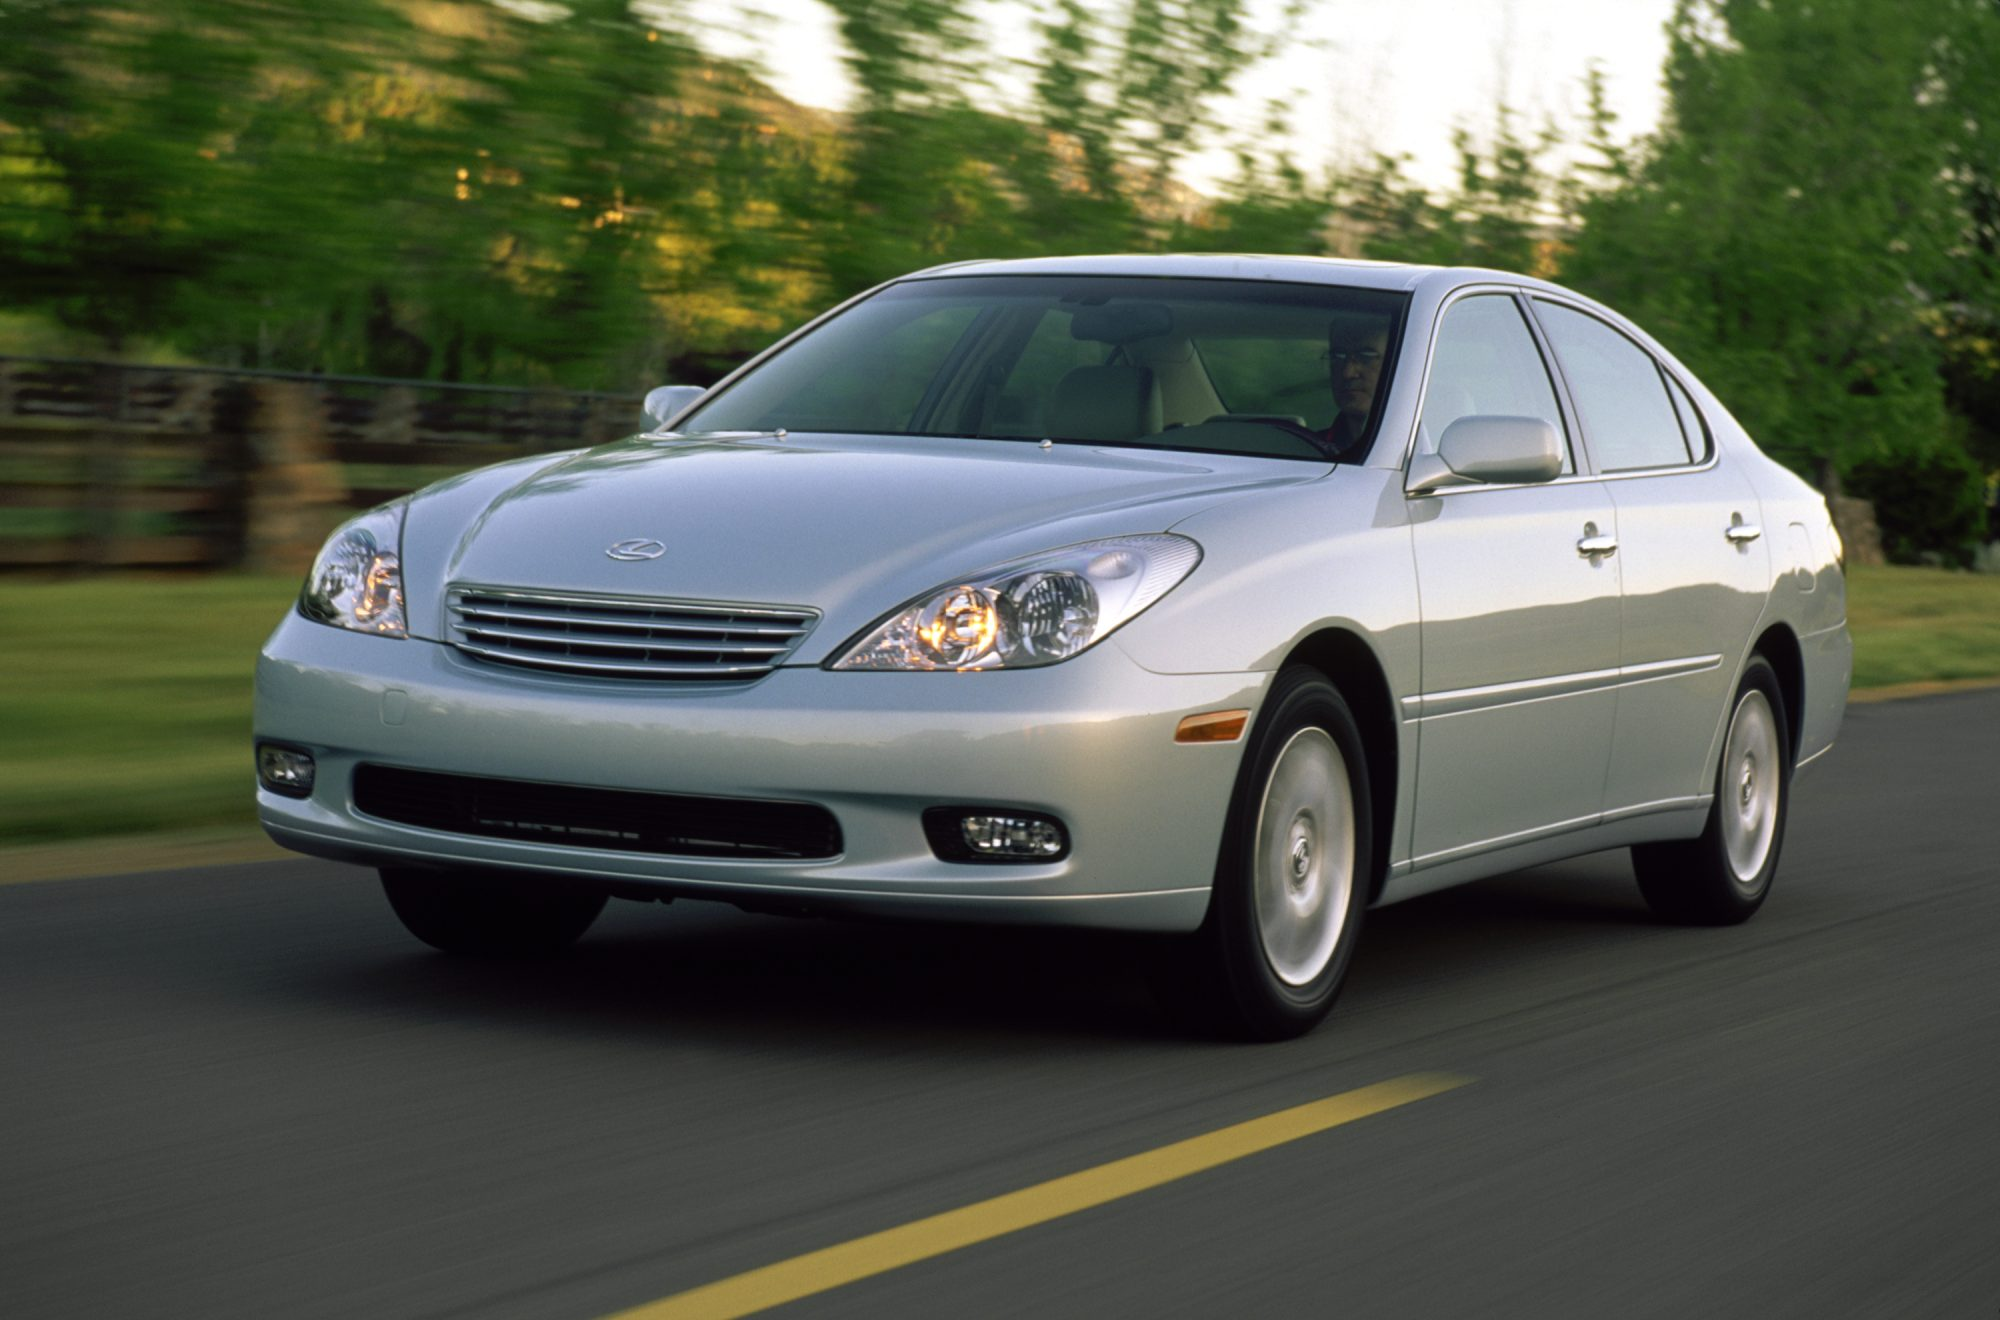 Компания Toyota надеется на новое судебное рассмотрение после того, как судья присуждает жертвам аварии $208 млн.